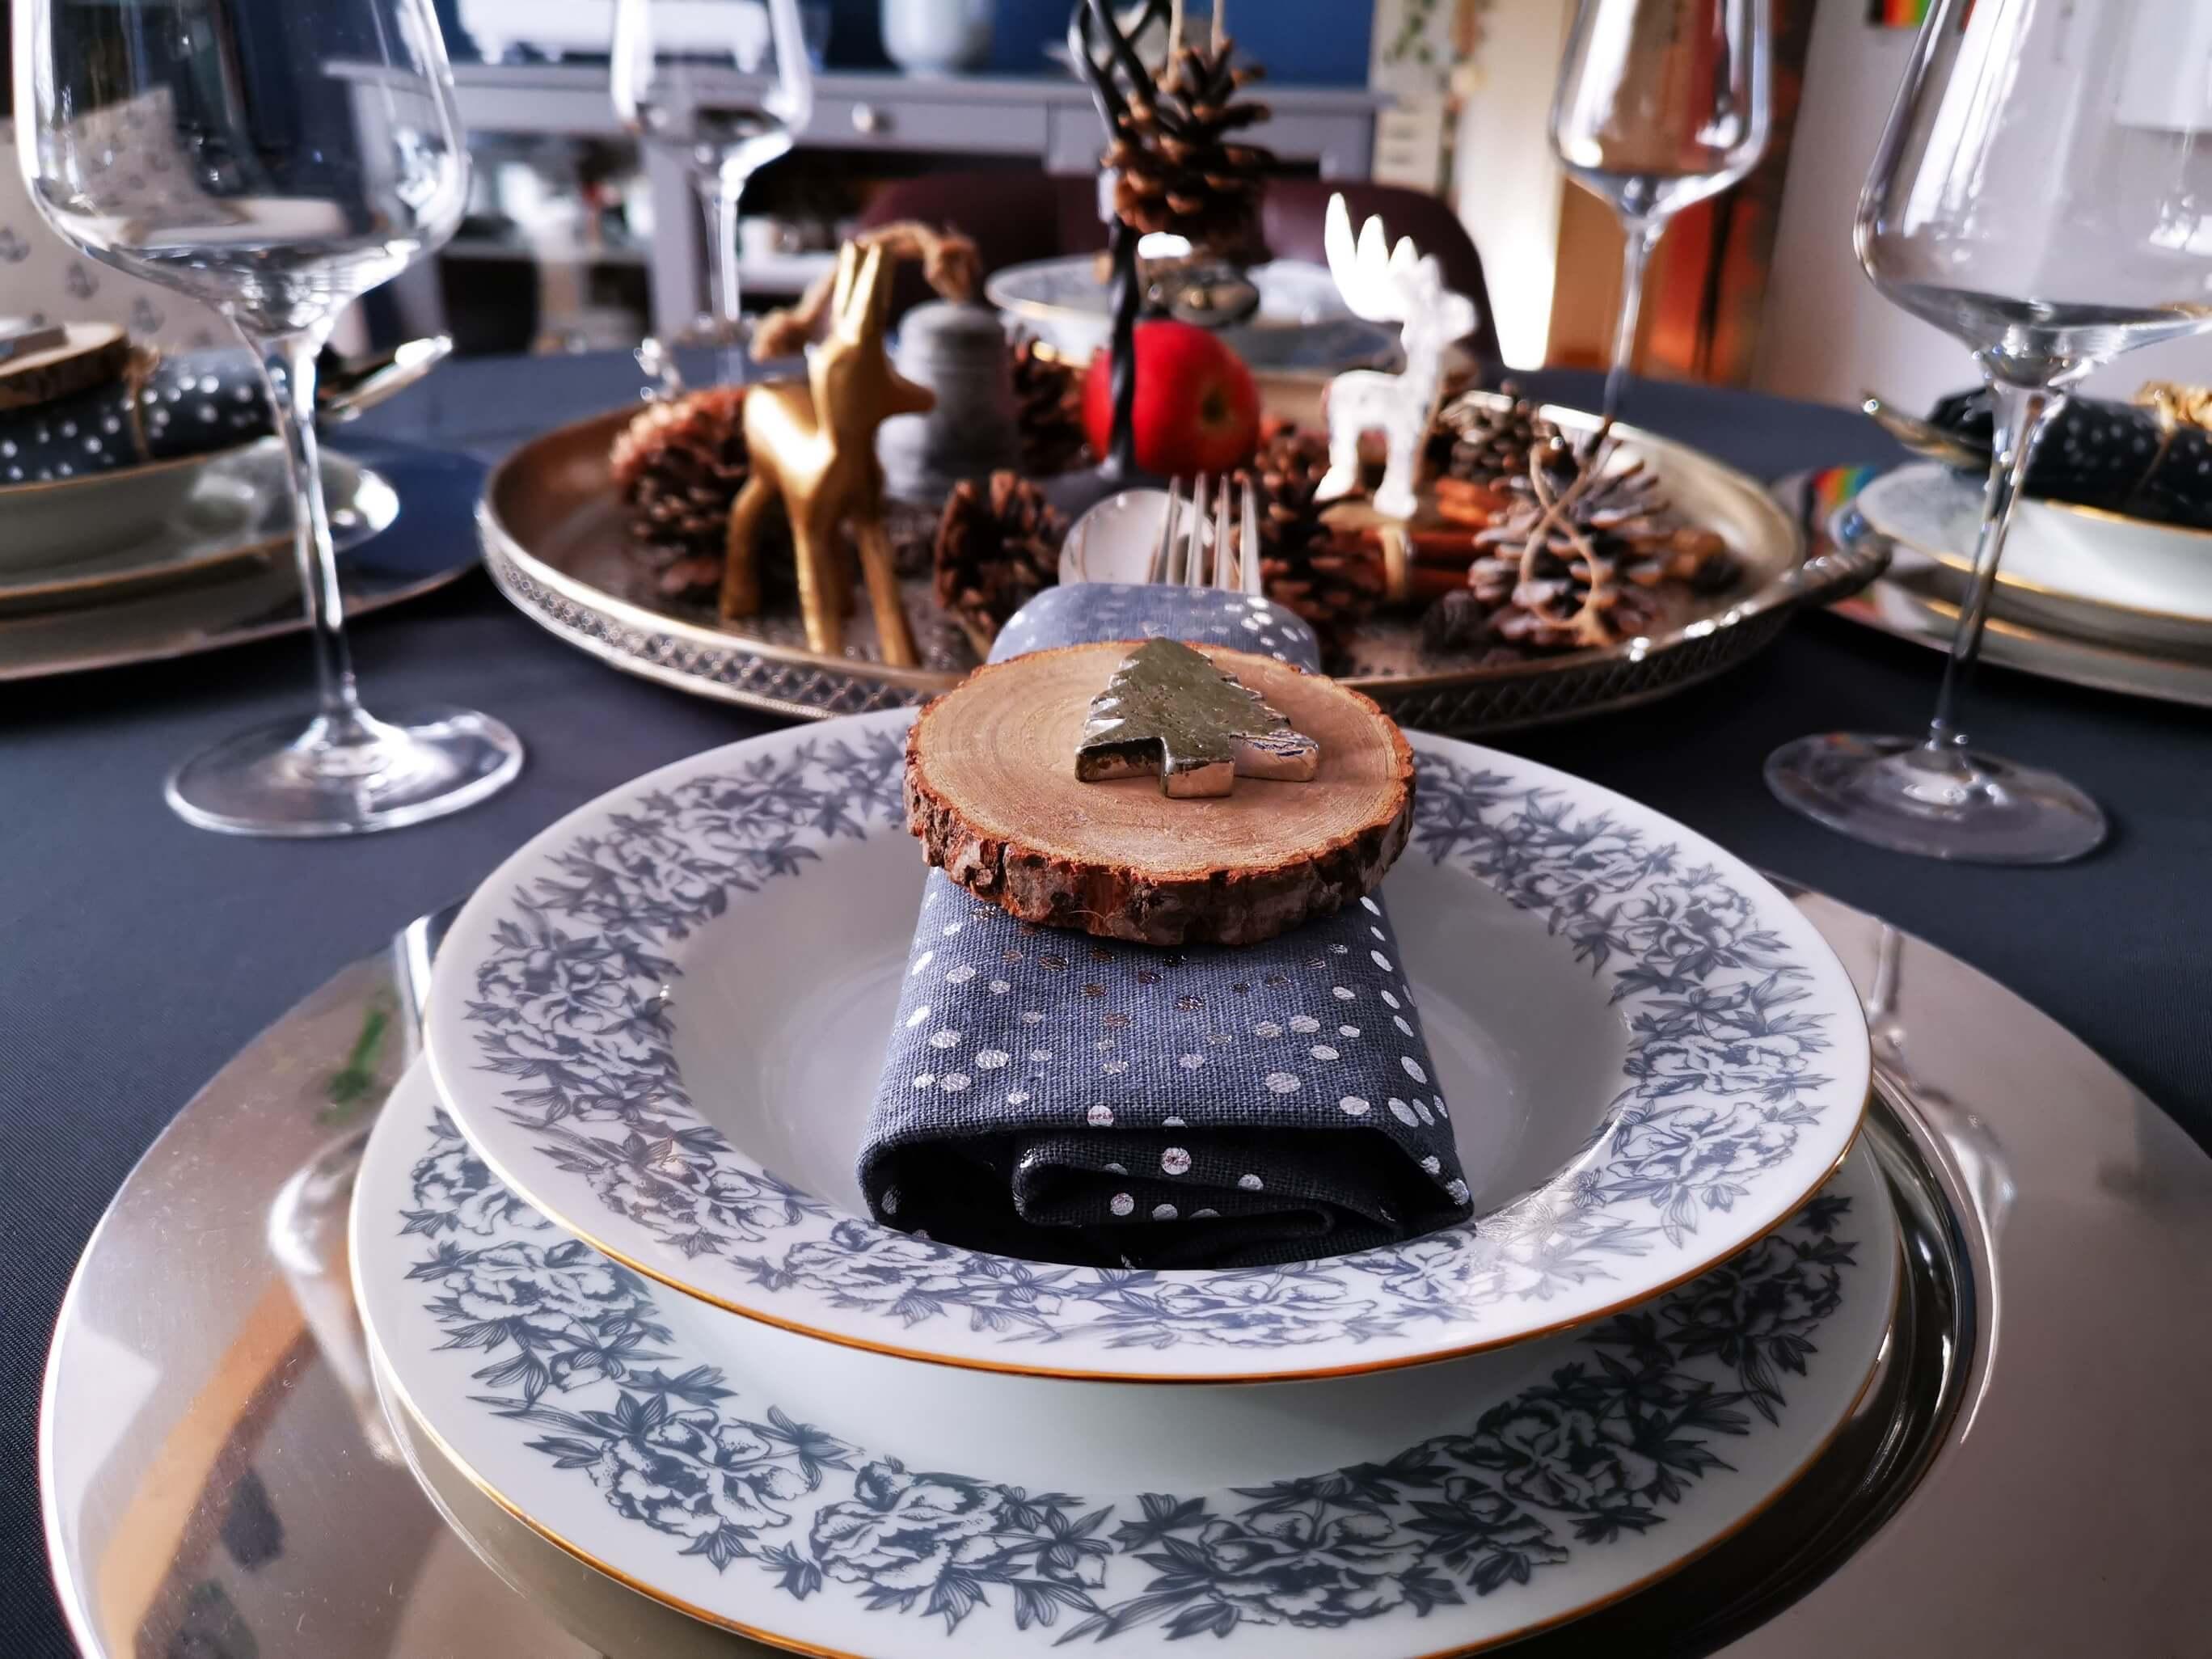 IMG 20191201 133457 resized 20191201 082917089 - Inšpirácia na krásne vyzdobený vianočný stôl